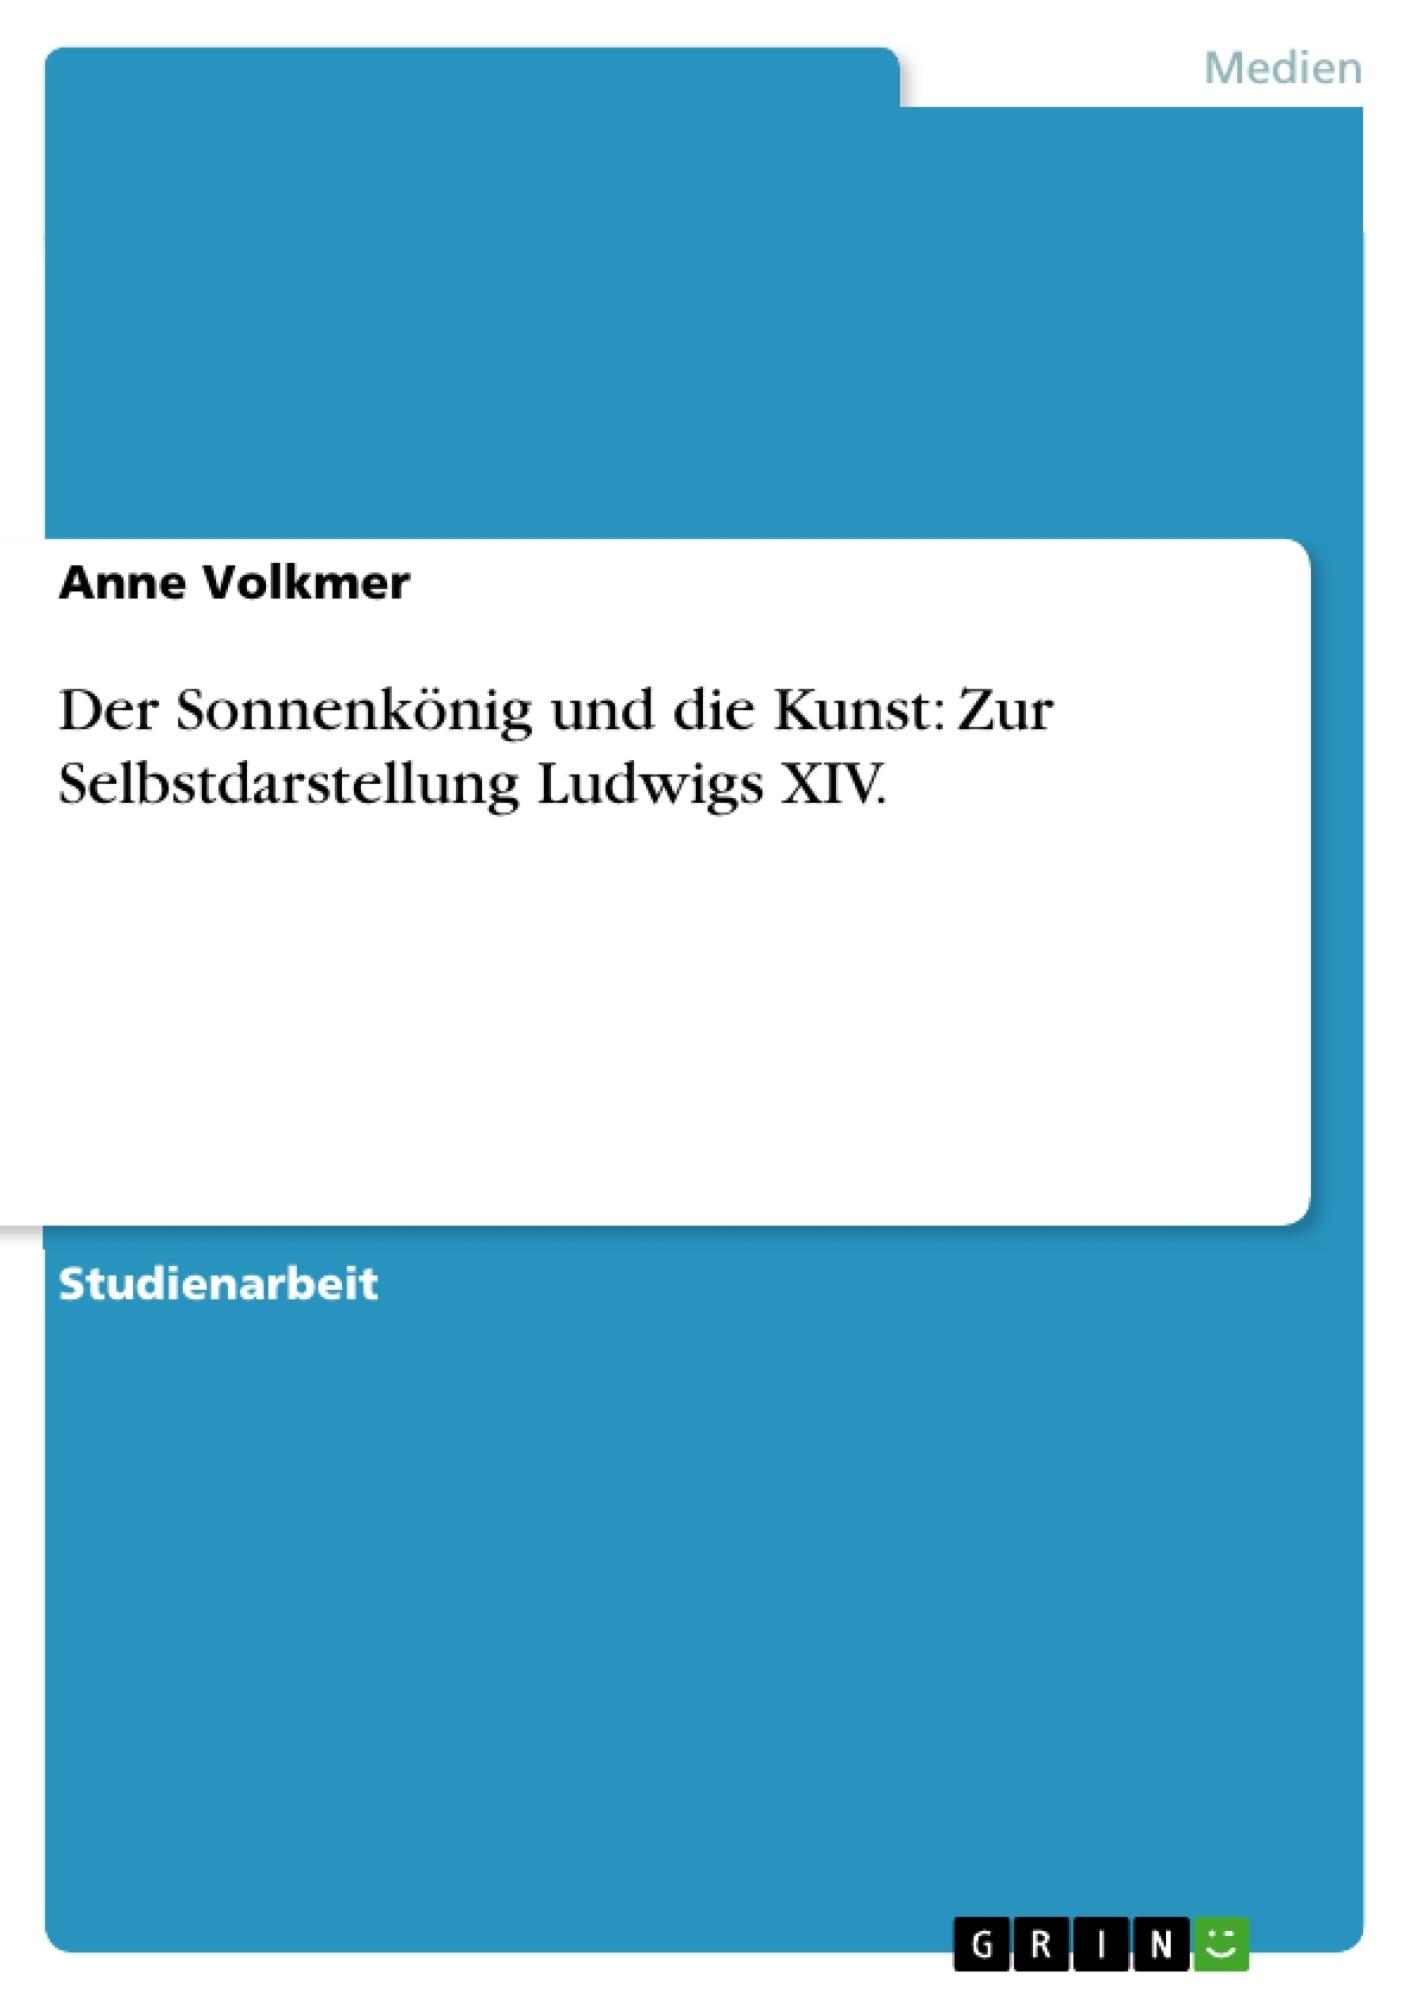 Titel: Der Sonnenkönig und die Kunst: Zur Selbstdarstellung Ludwigs XIV.